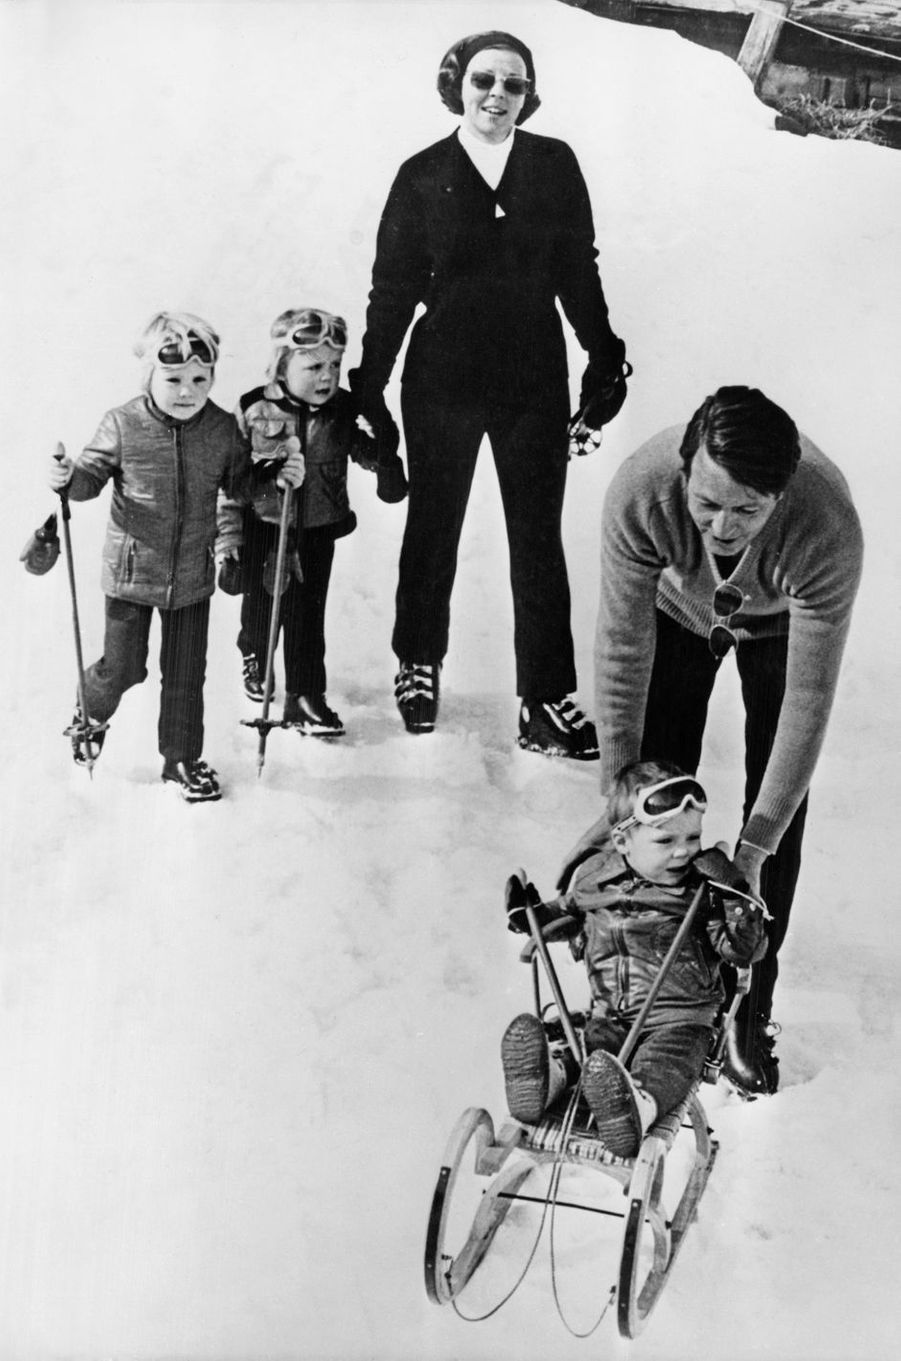 La princesse Beatrix des Pays-Bas et le prince Claus avec leurs trois fils à Lech, le 9 mars 1972